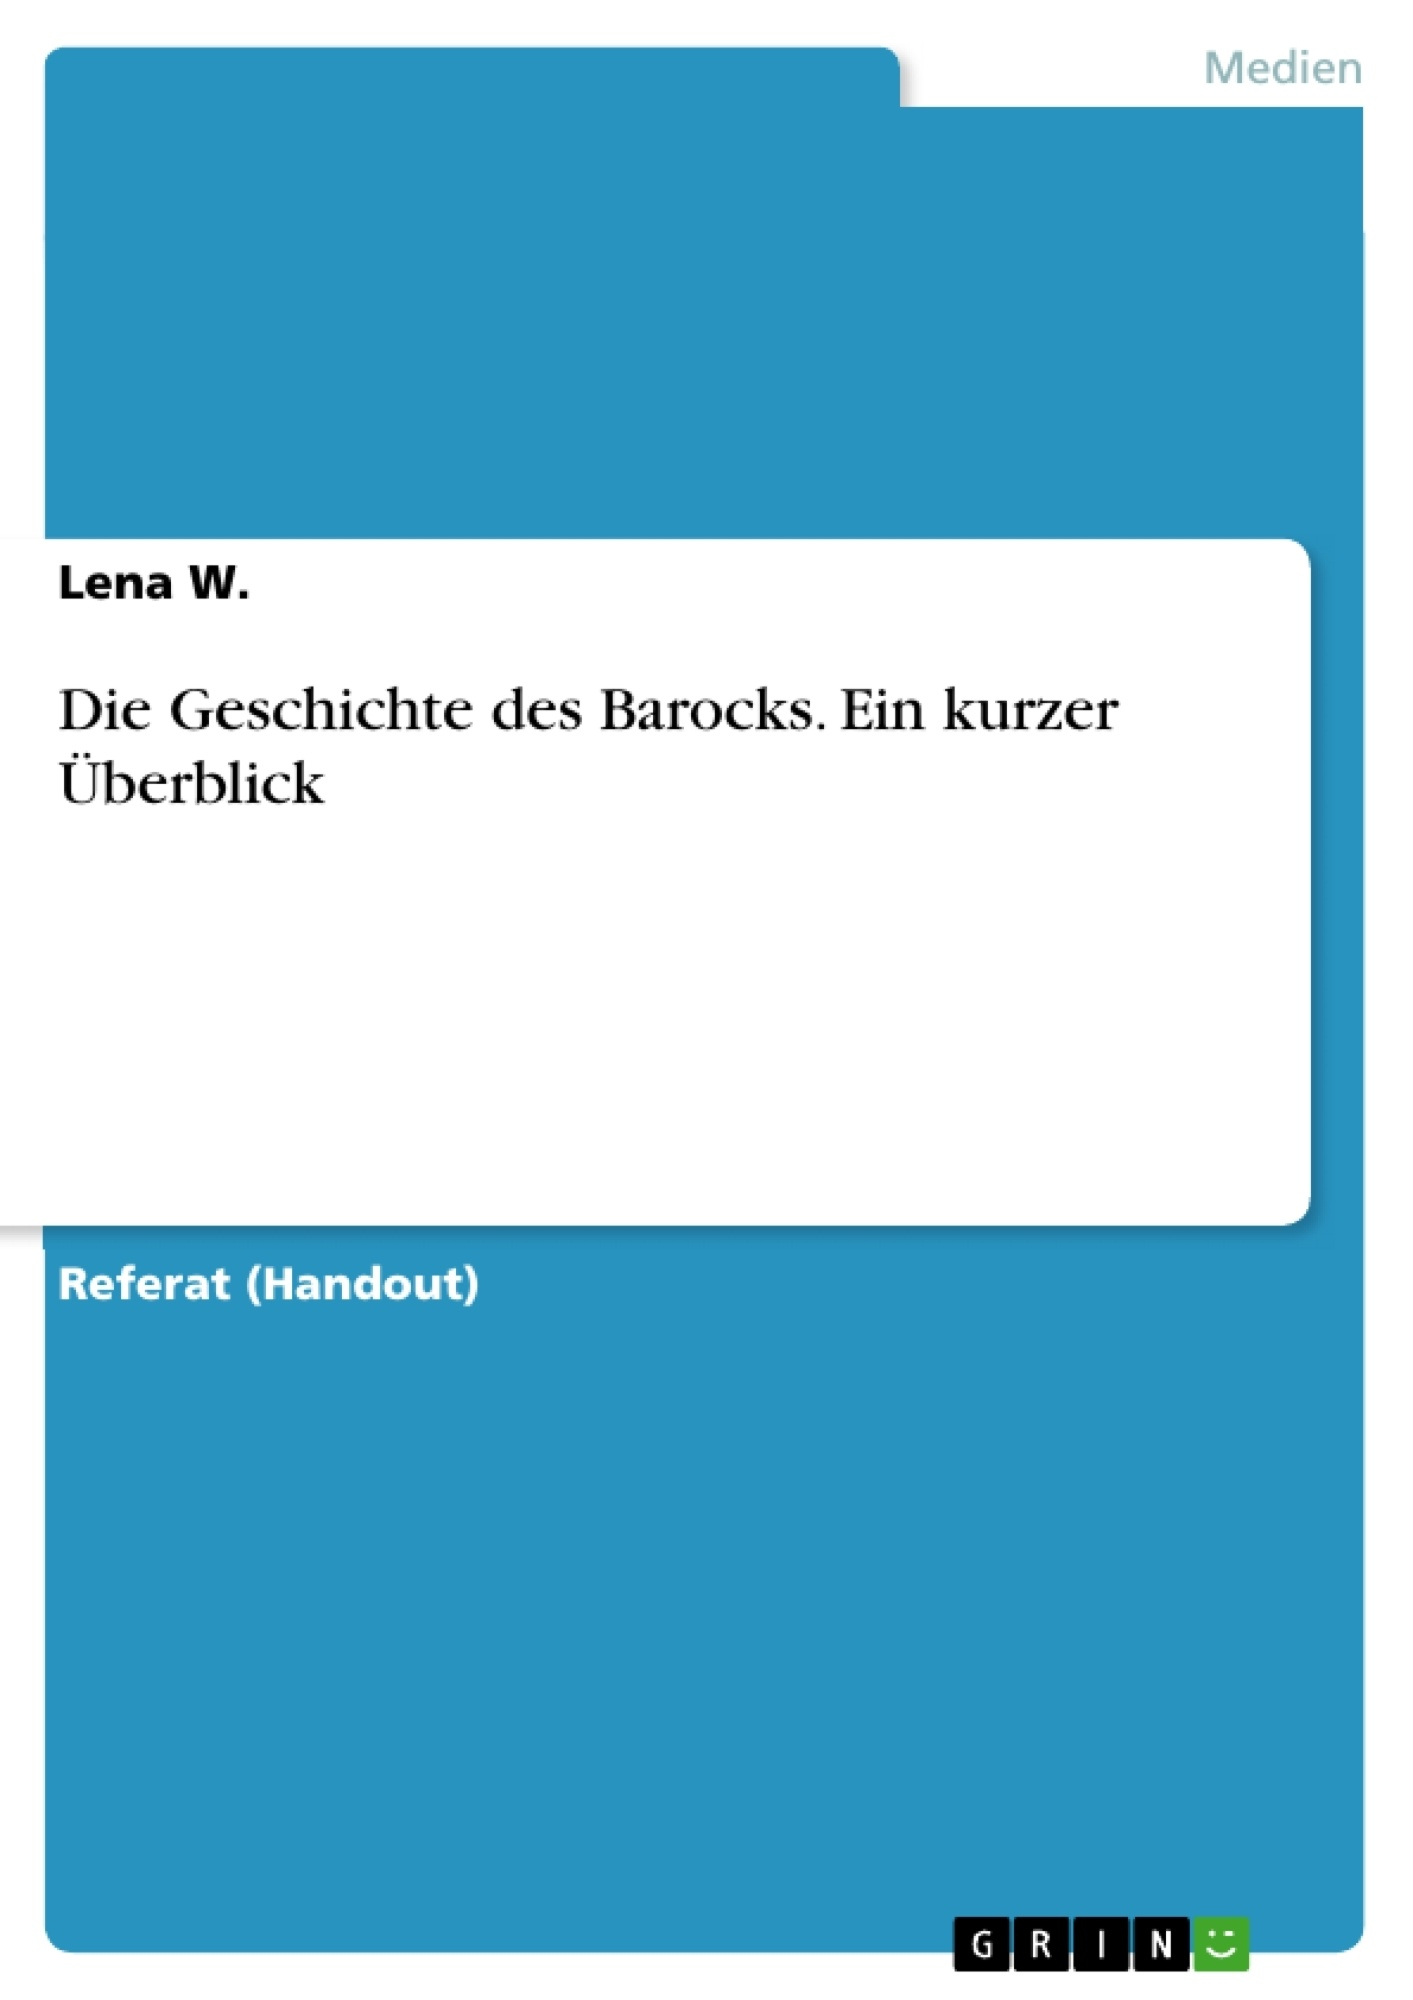 Titel: Die Geschichte des Barocks. Ein kurzer Überblick